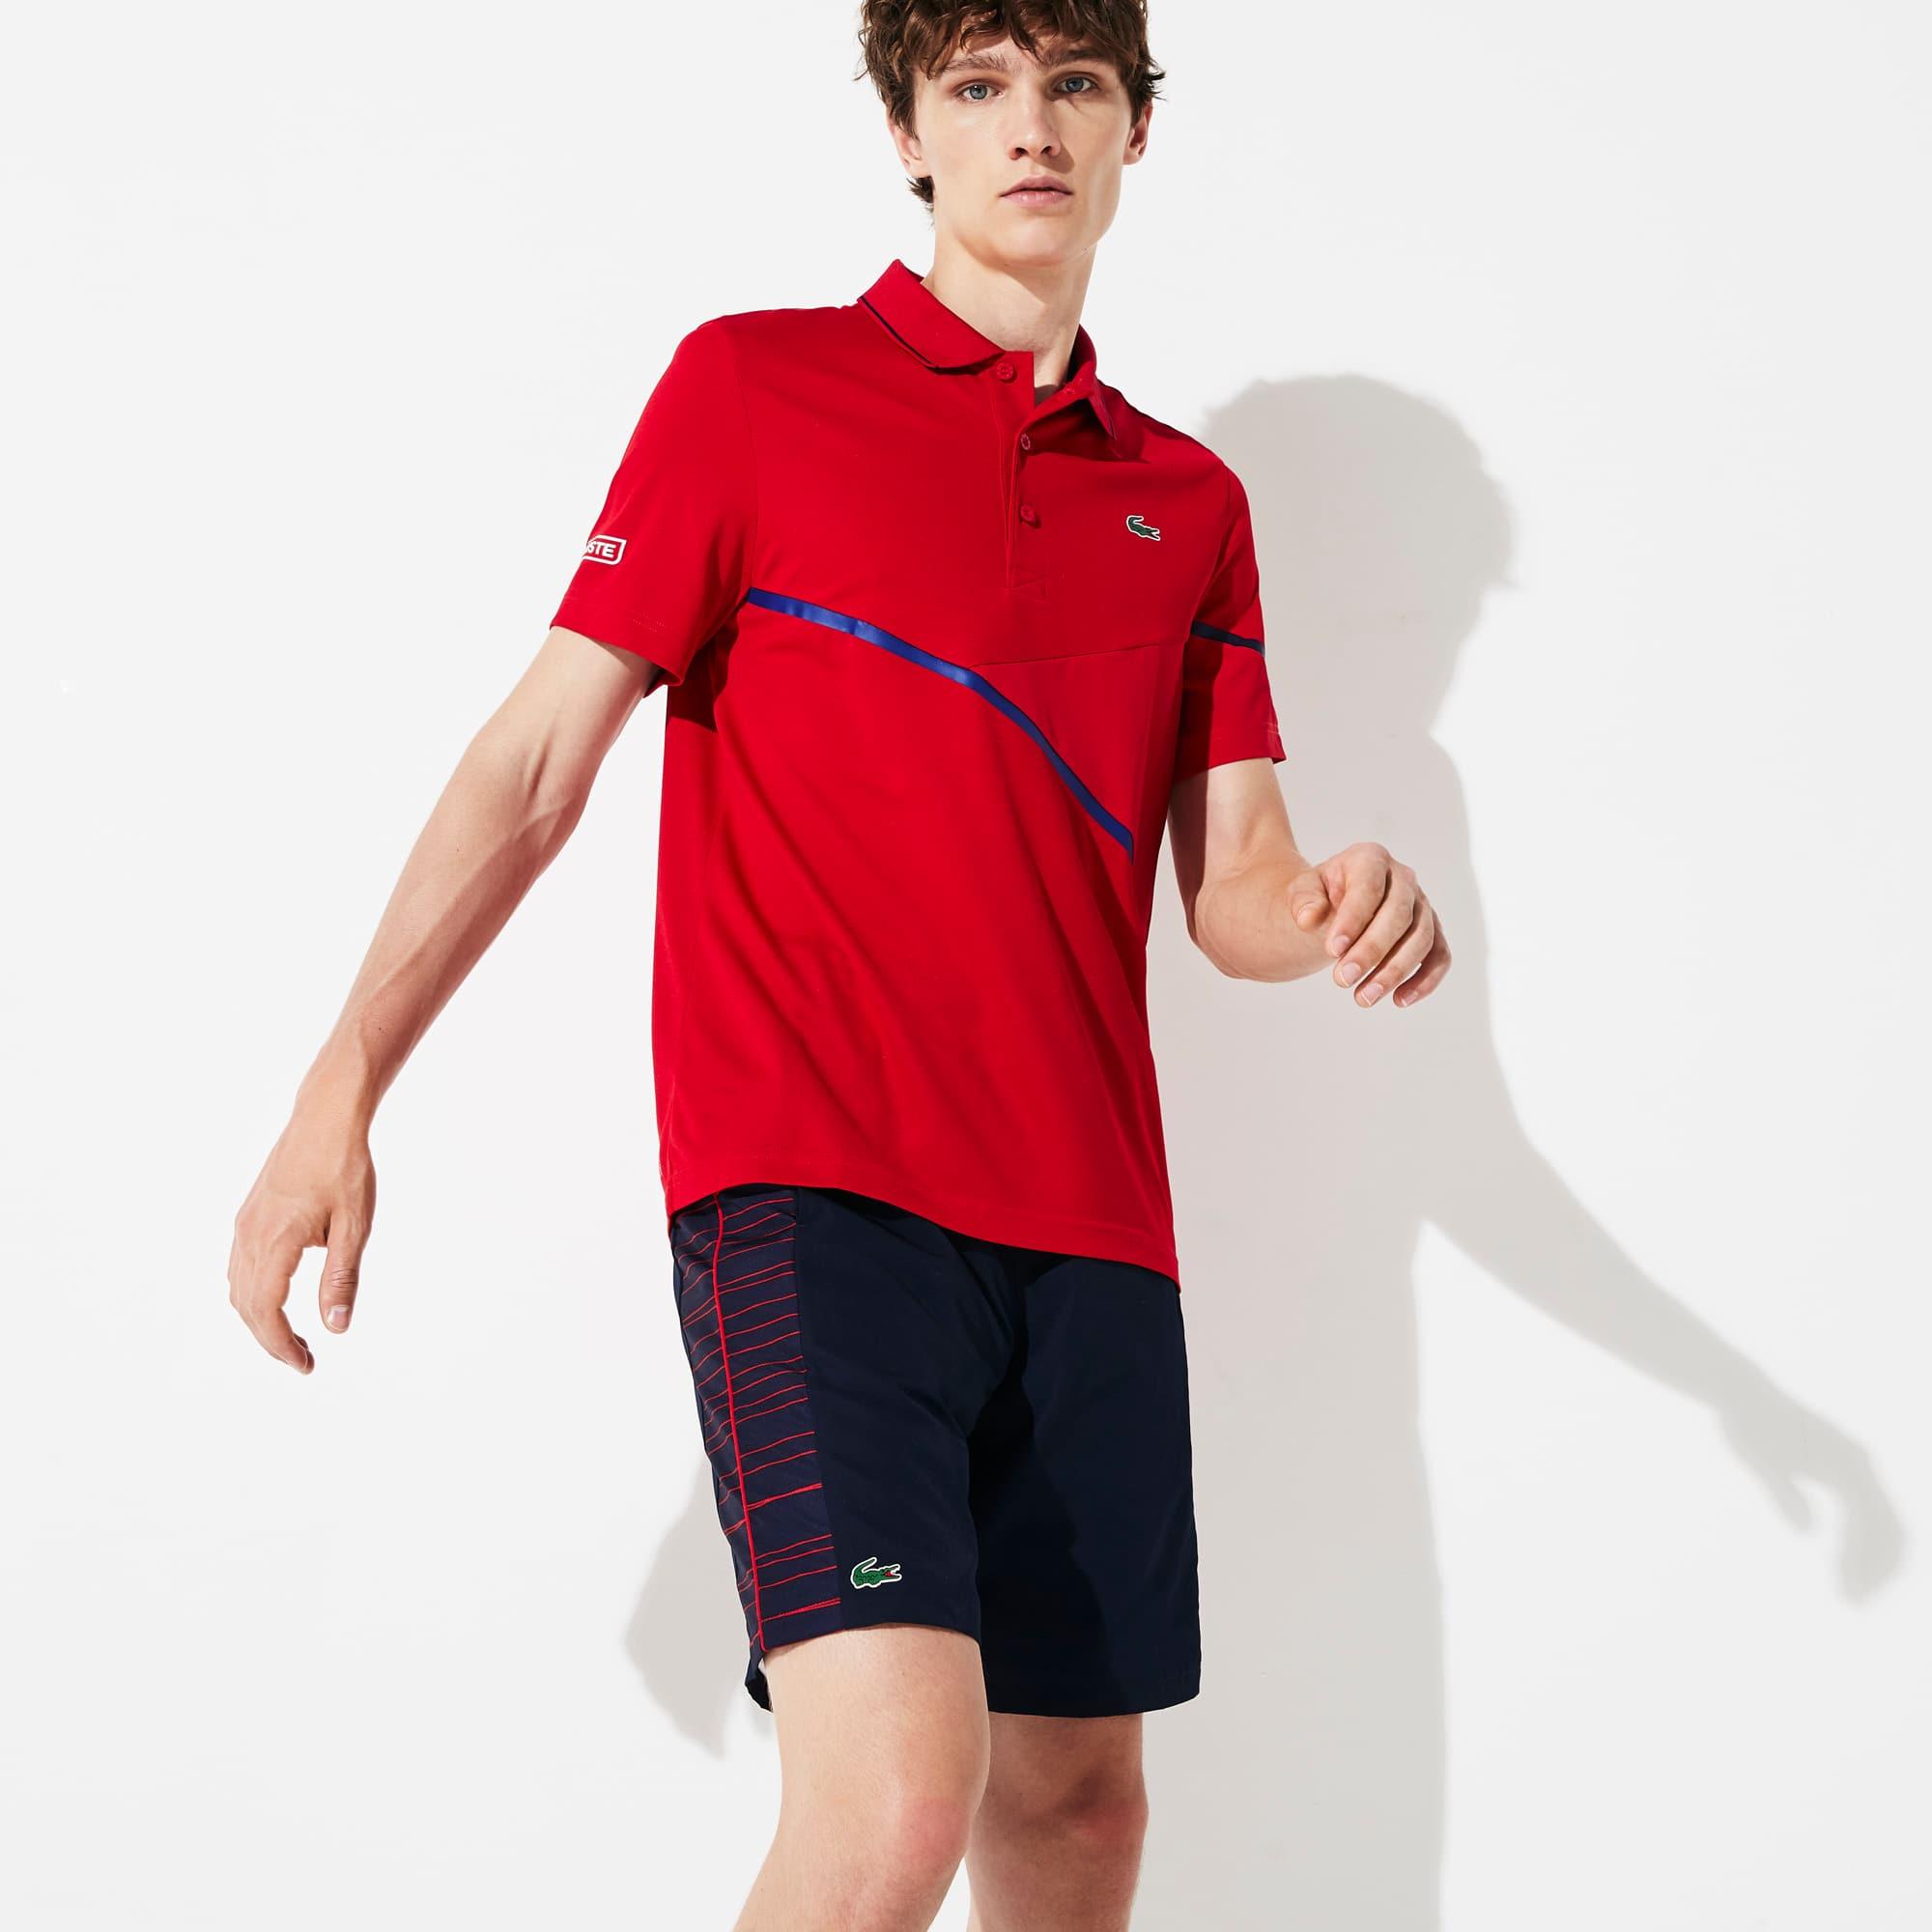 Polo Tennis Lacoste SPORT en piqué respirant avec détails contrastés Taille 4 - M Rouge / Bleu Marin